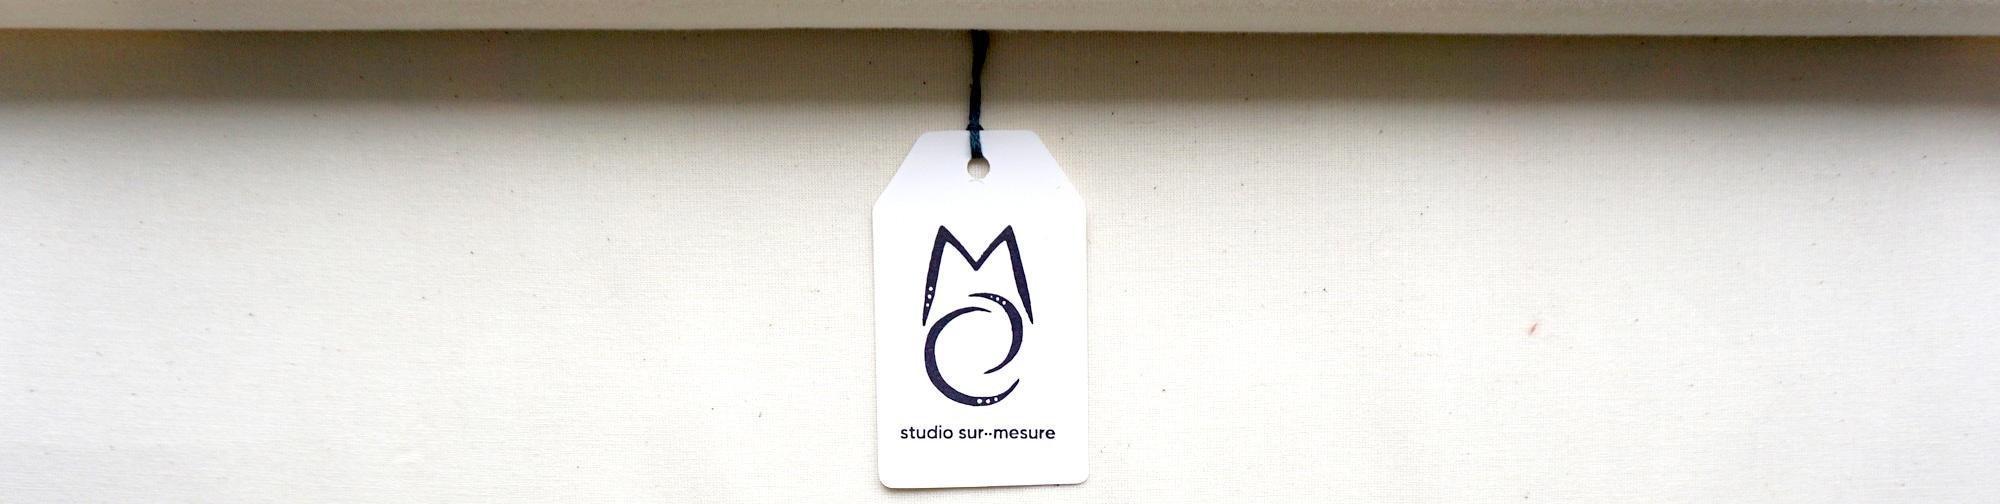 Titre-Bandeau-d-accueil-Logo-MDC-Studio-sur-mesure